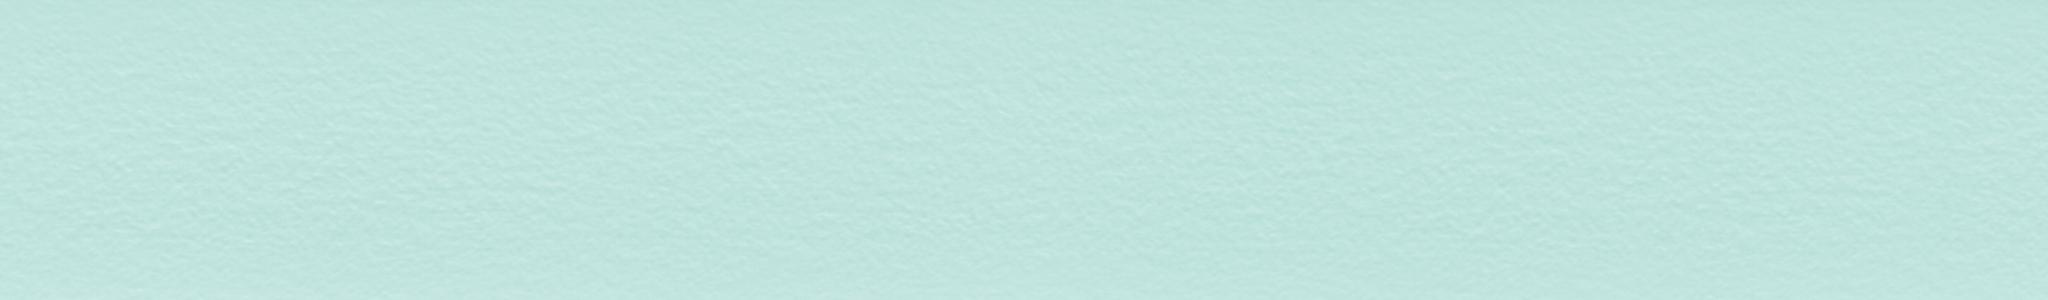 HU 161630 ABS hrana zelená perla jemná 107